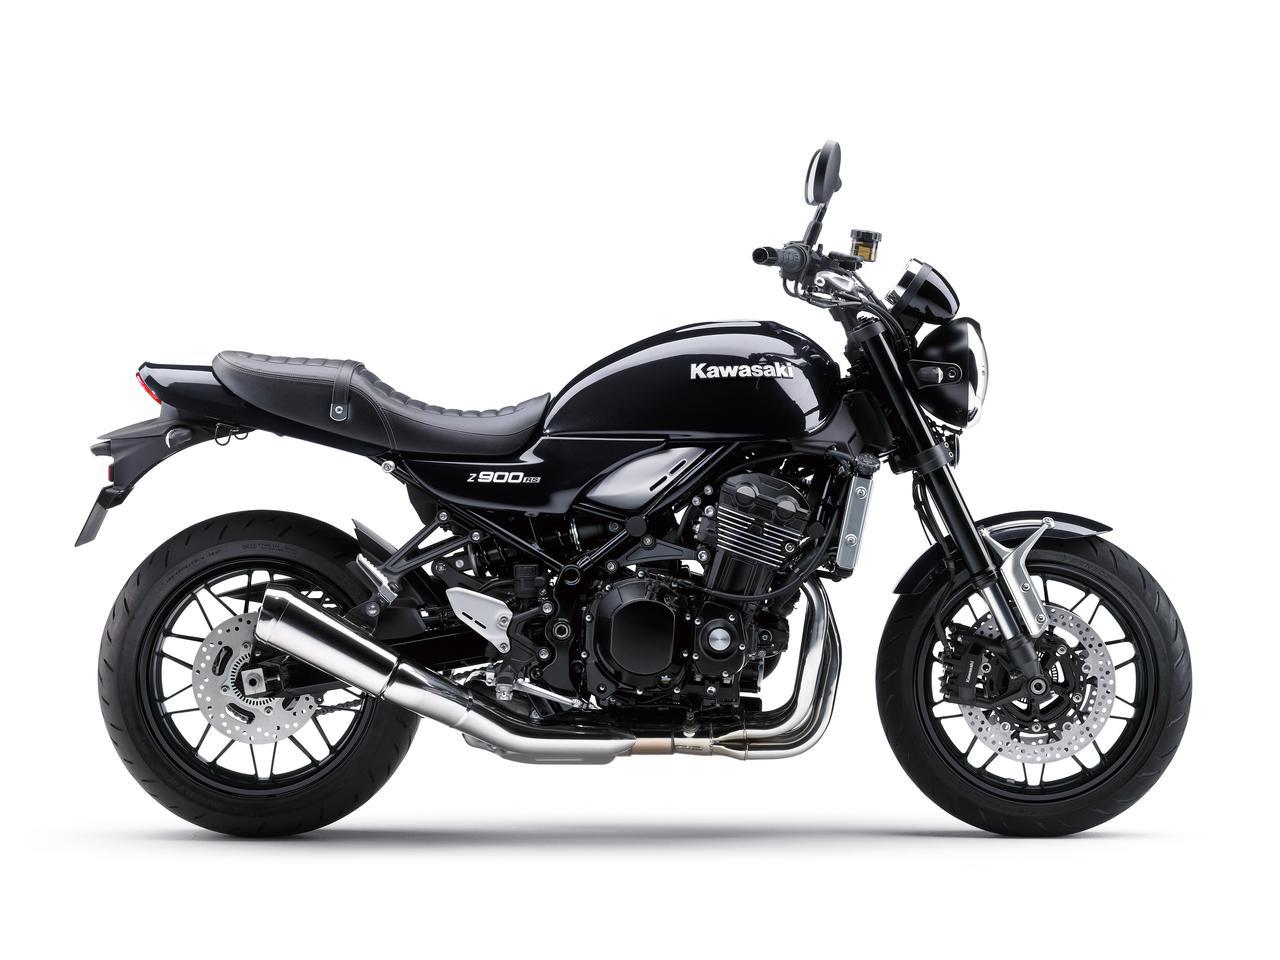 画像6: カワサキが「Z900RS CAFE」の新色を発売! Z900RSシリーズの2021年モデルと2020年モデルを比較してみよう【2021速報】